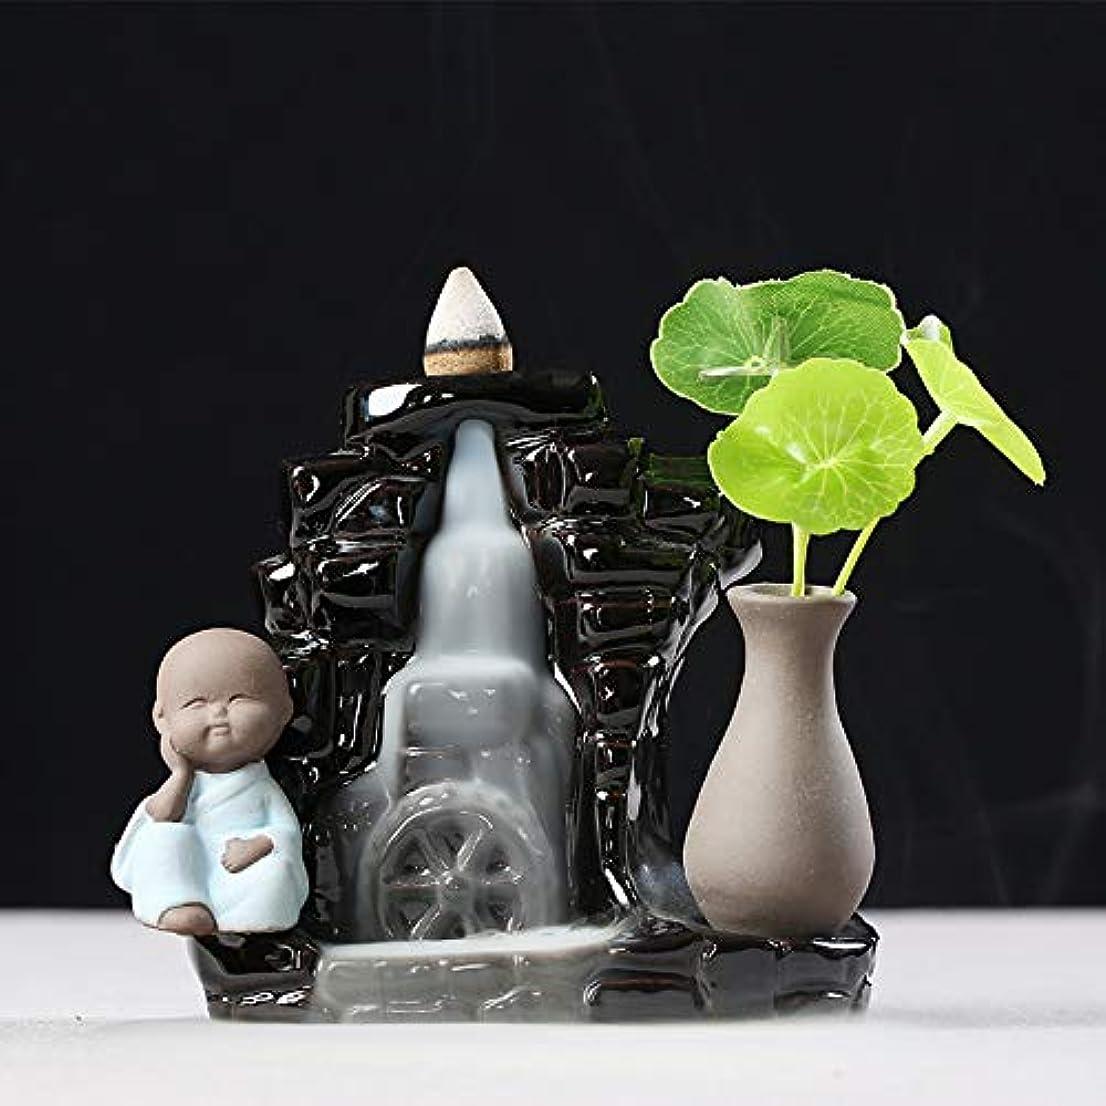 富豪談話パフオフィスの家の装飾10.5 * 12cmのためのバーナーの陶磁器の手流のアロマセラピーバーナー